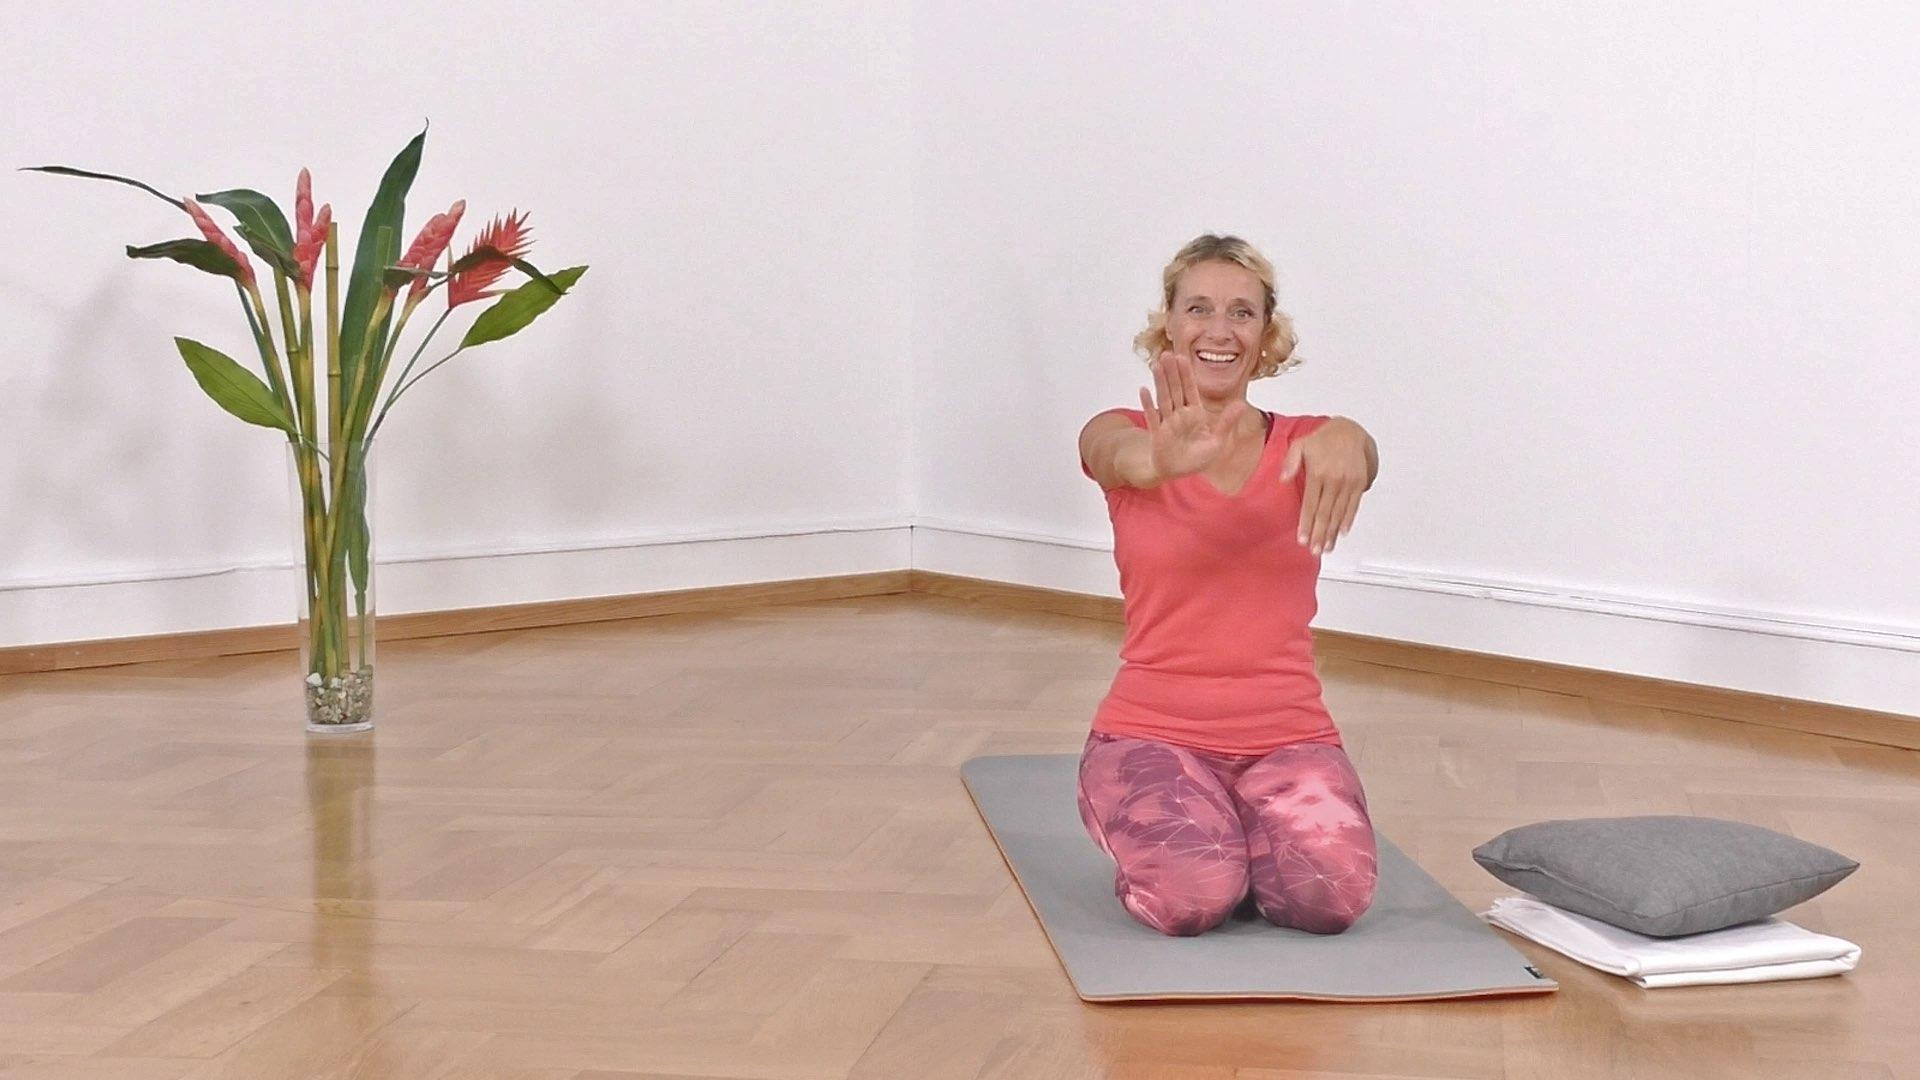 Yoga Anfänger Fersensitz und Handgelenk